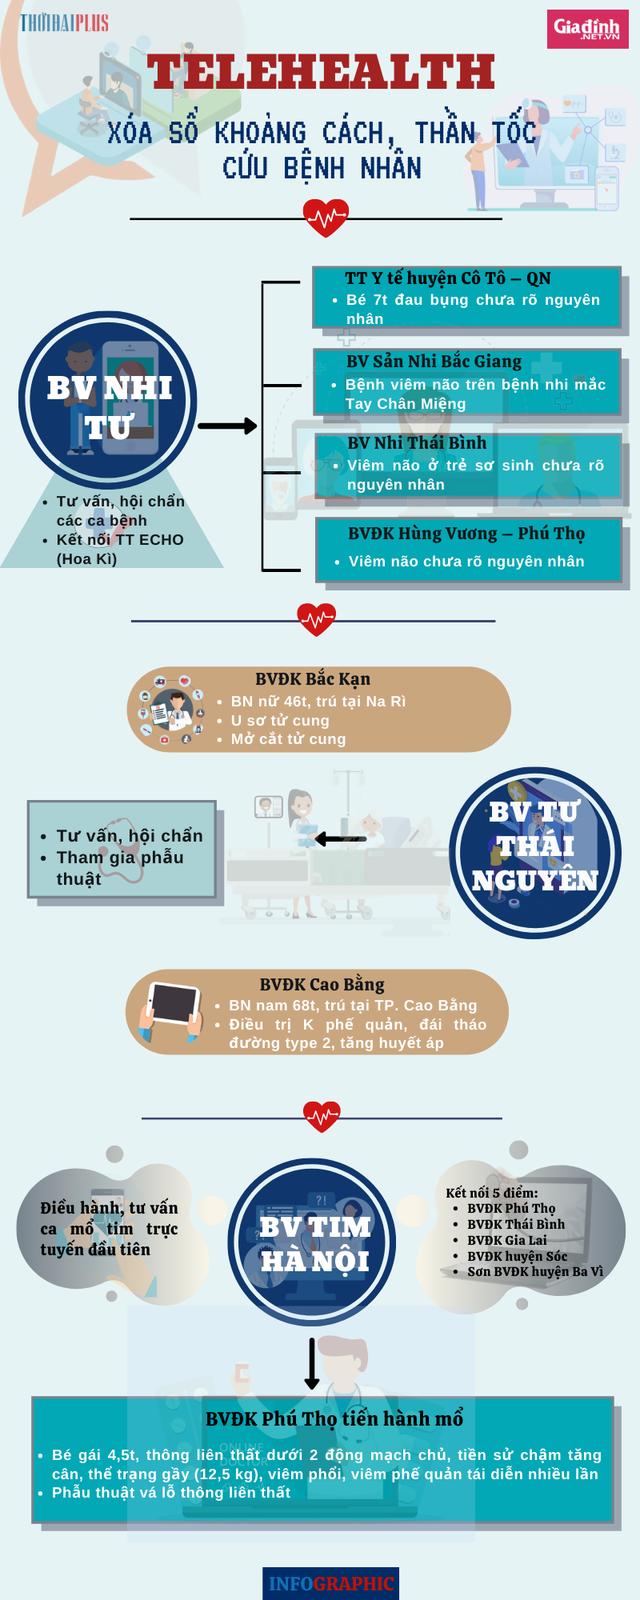 [Infographic] - Những cuộc hội chẩn qua Telehealth cứu bệnh nhân trên mọi miền tổ quốc - Ảnh 1.